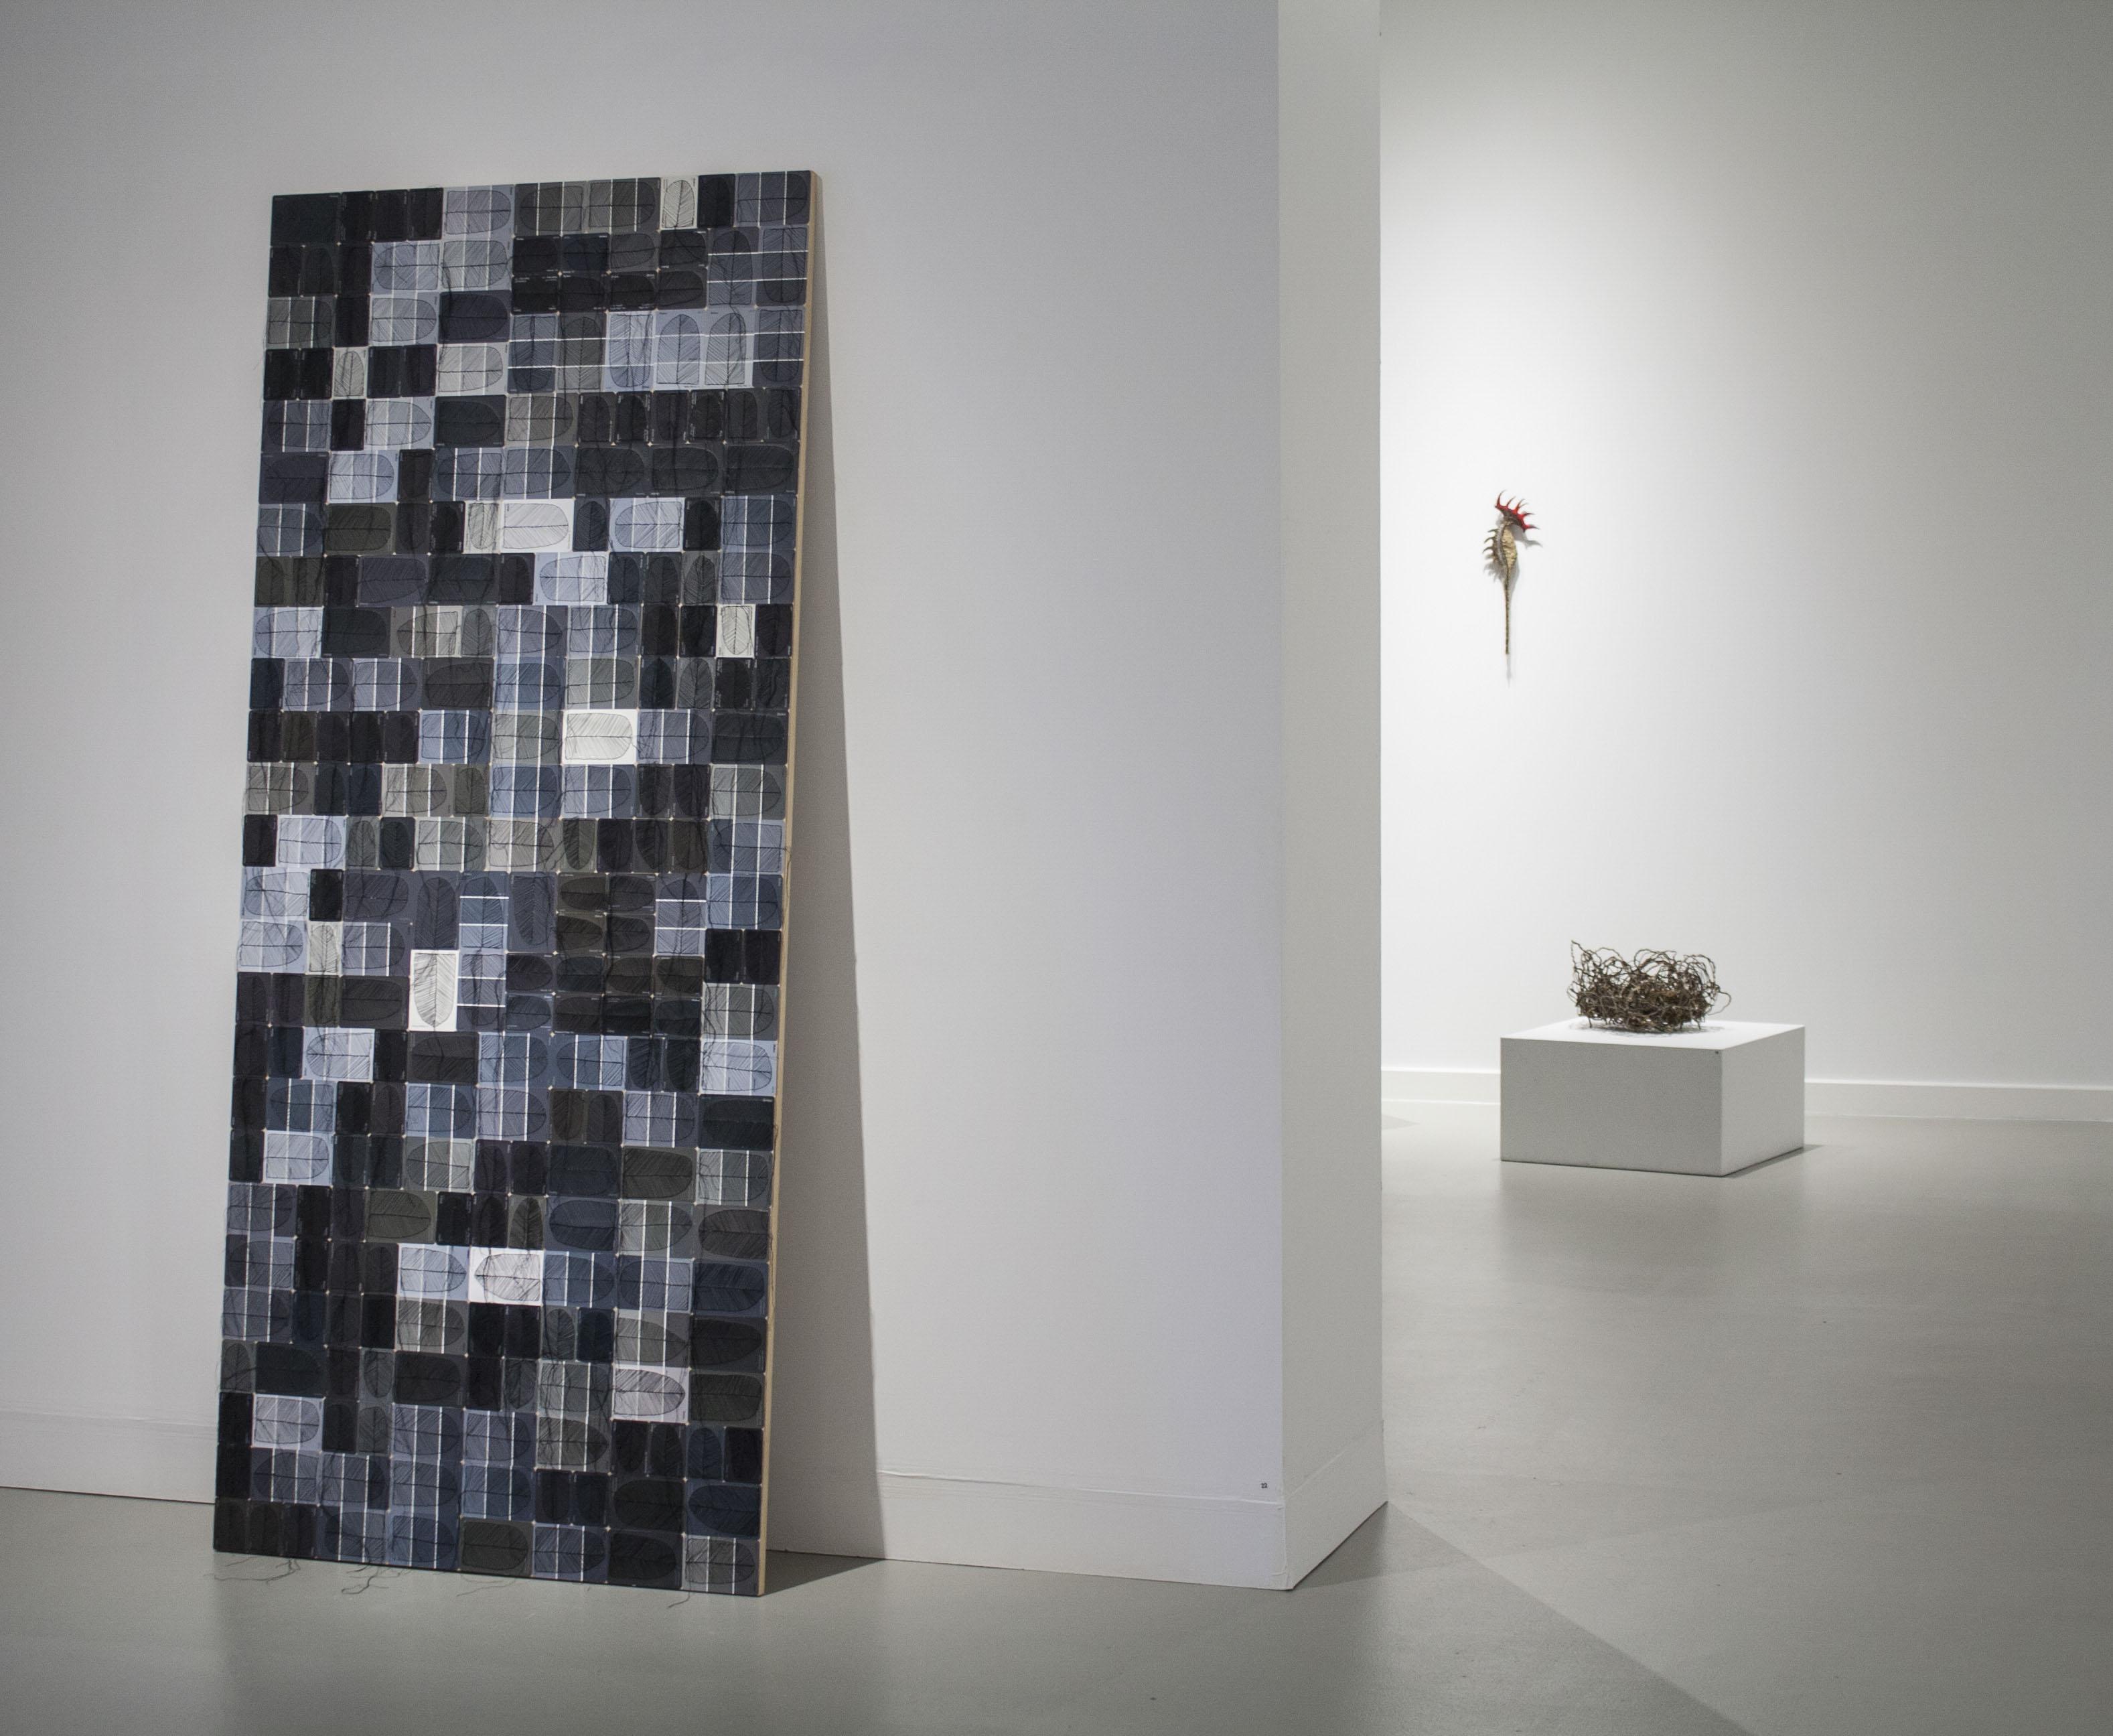 twentyONE+ artworks by Jan Mullen, Katrina Virgona, Annette Nykiel